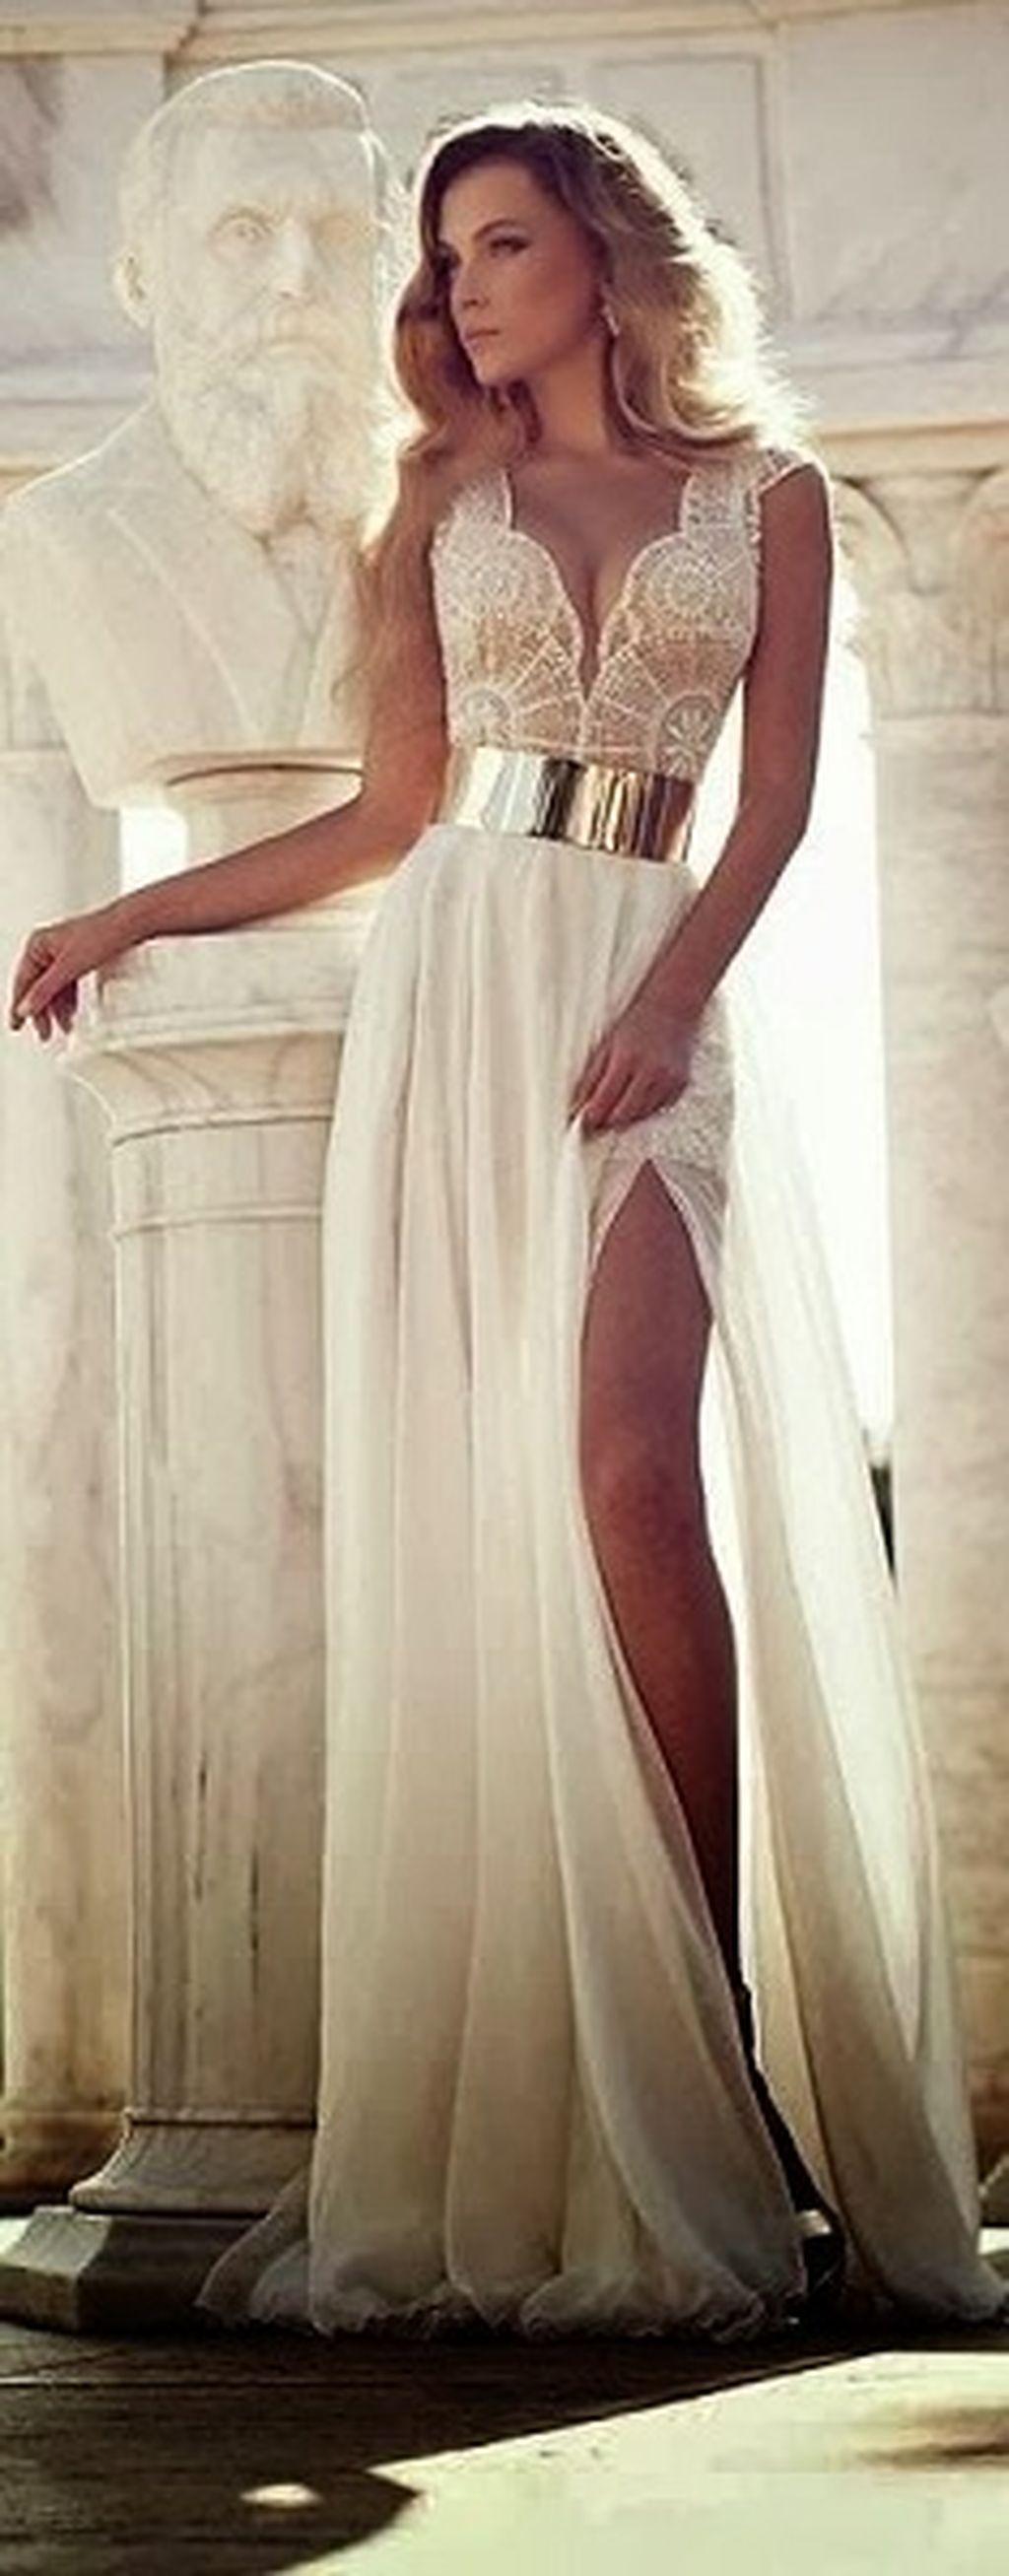 Sequined wedding dress   Best Inspiring Sequin Wedding Dress Ideas  Ideas Sequins and